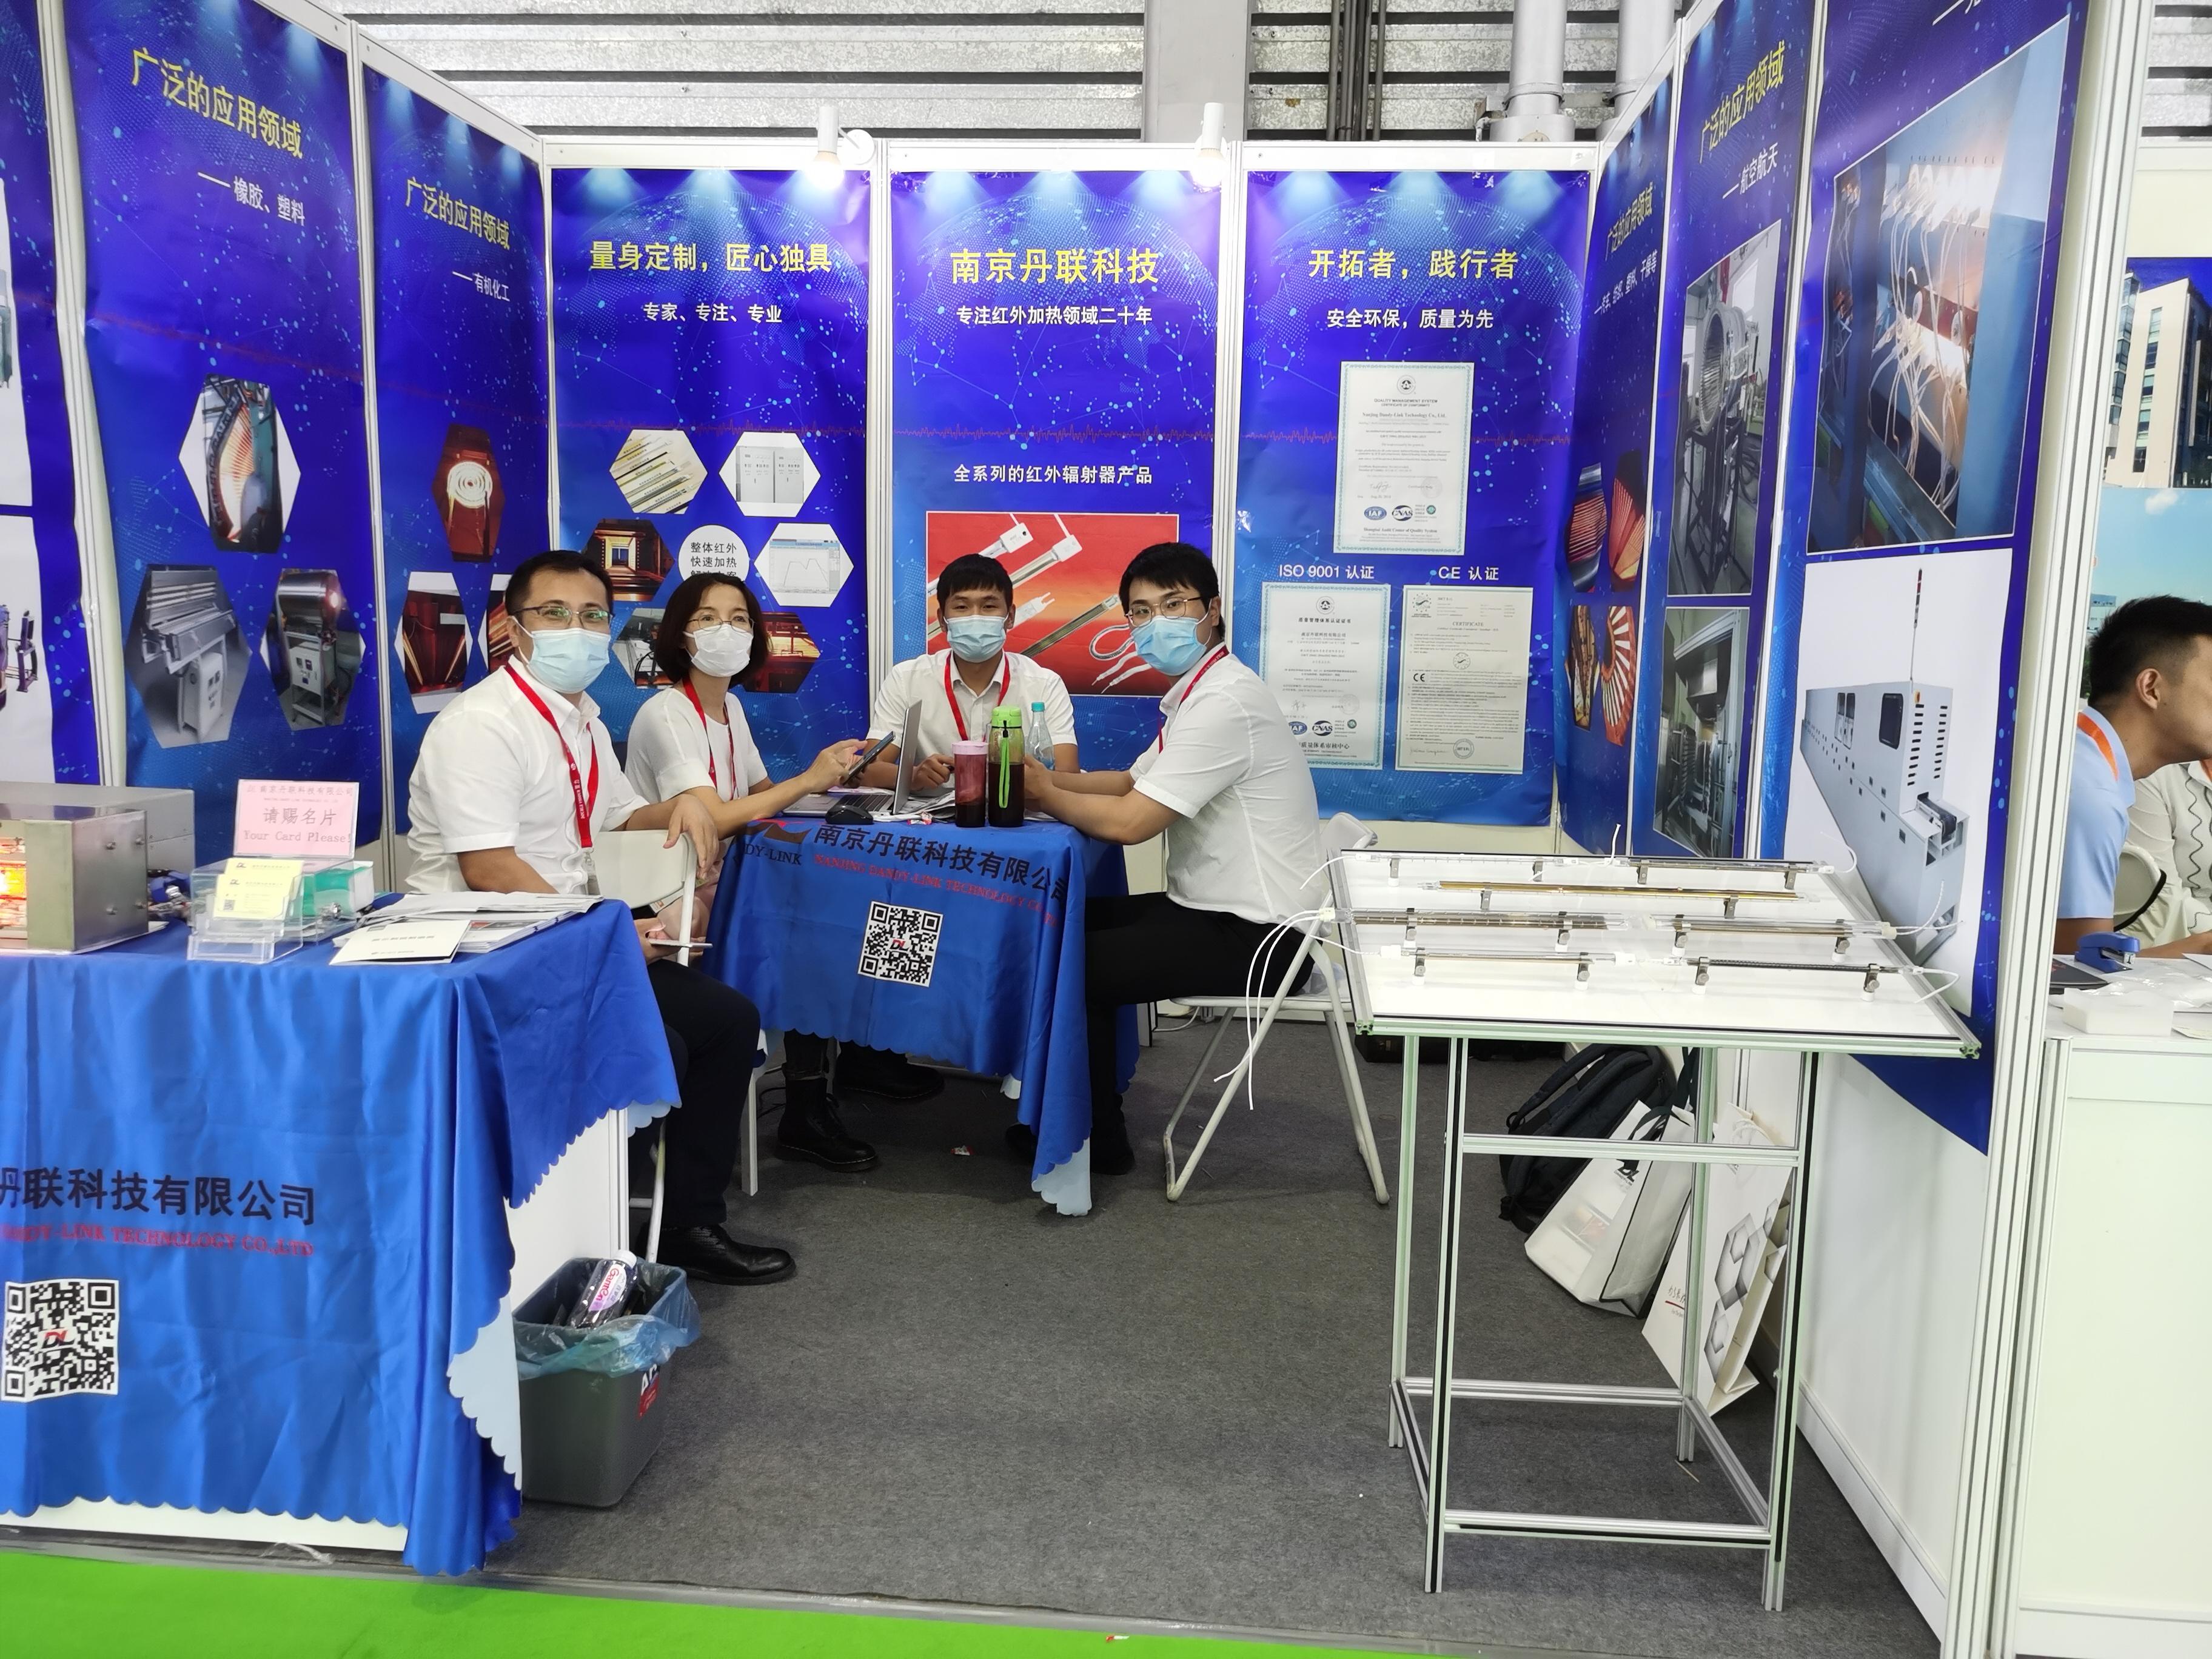 2020年9月16-18日 金沙城娱乐官方平台司参加第二十届中国国际橡胶技术展览会